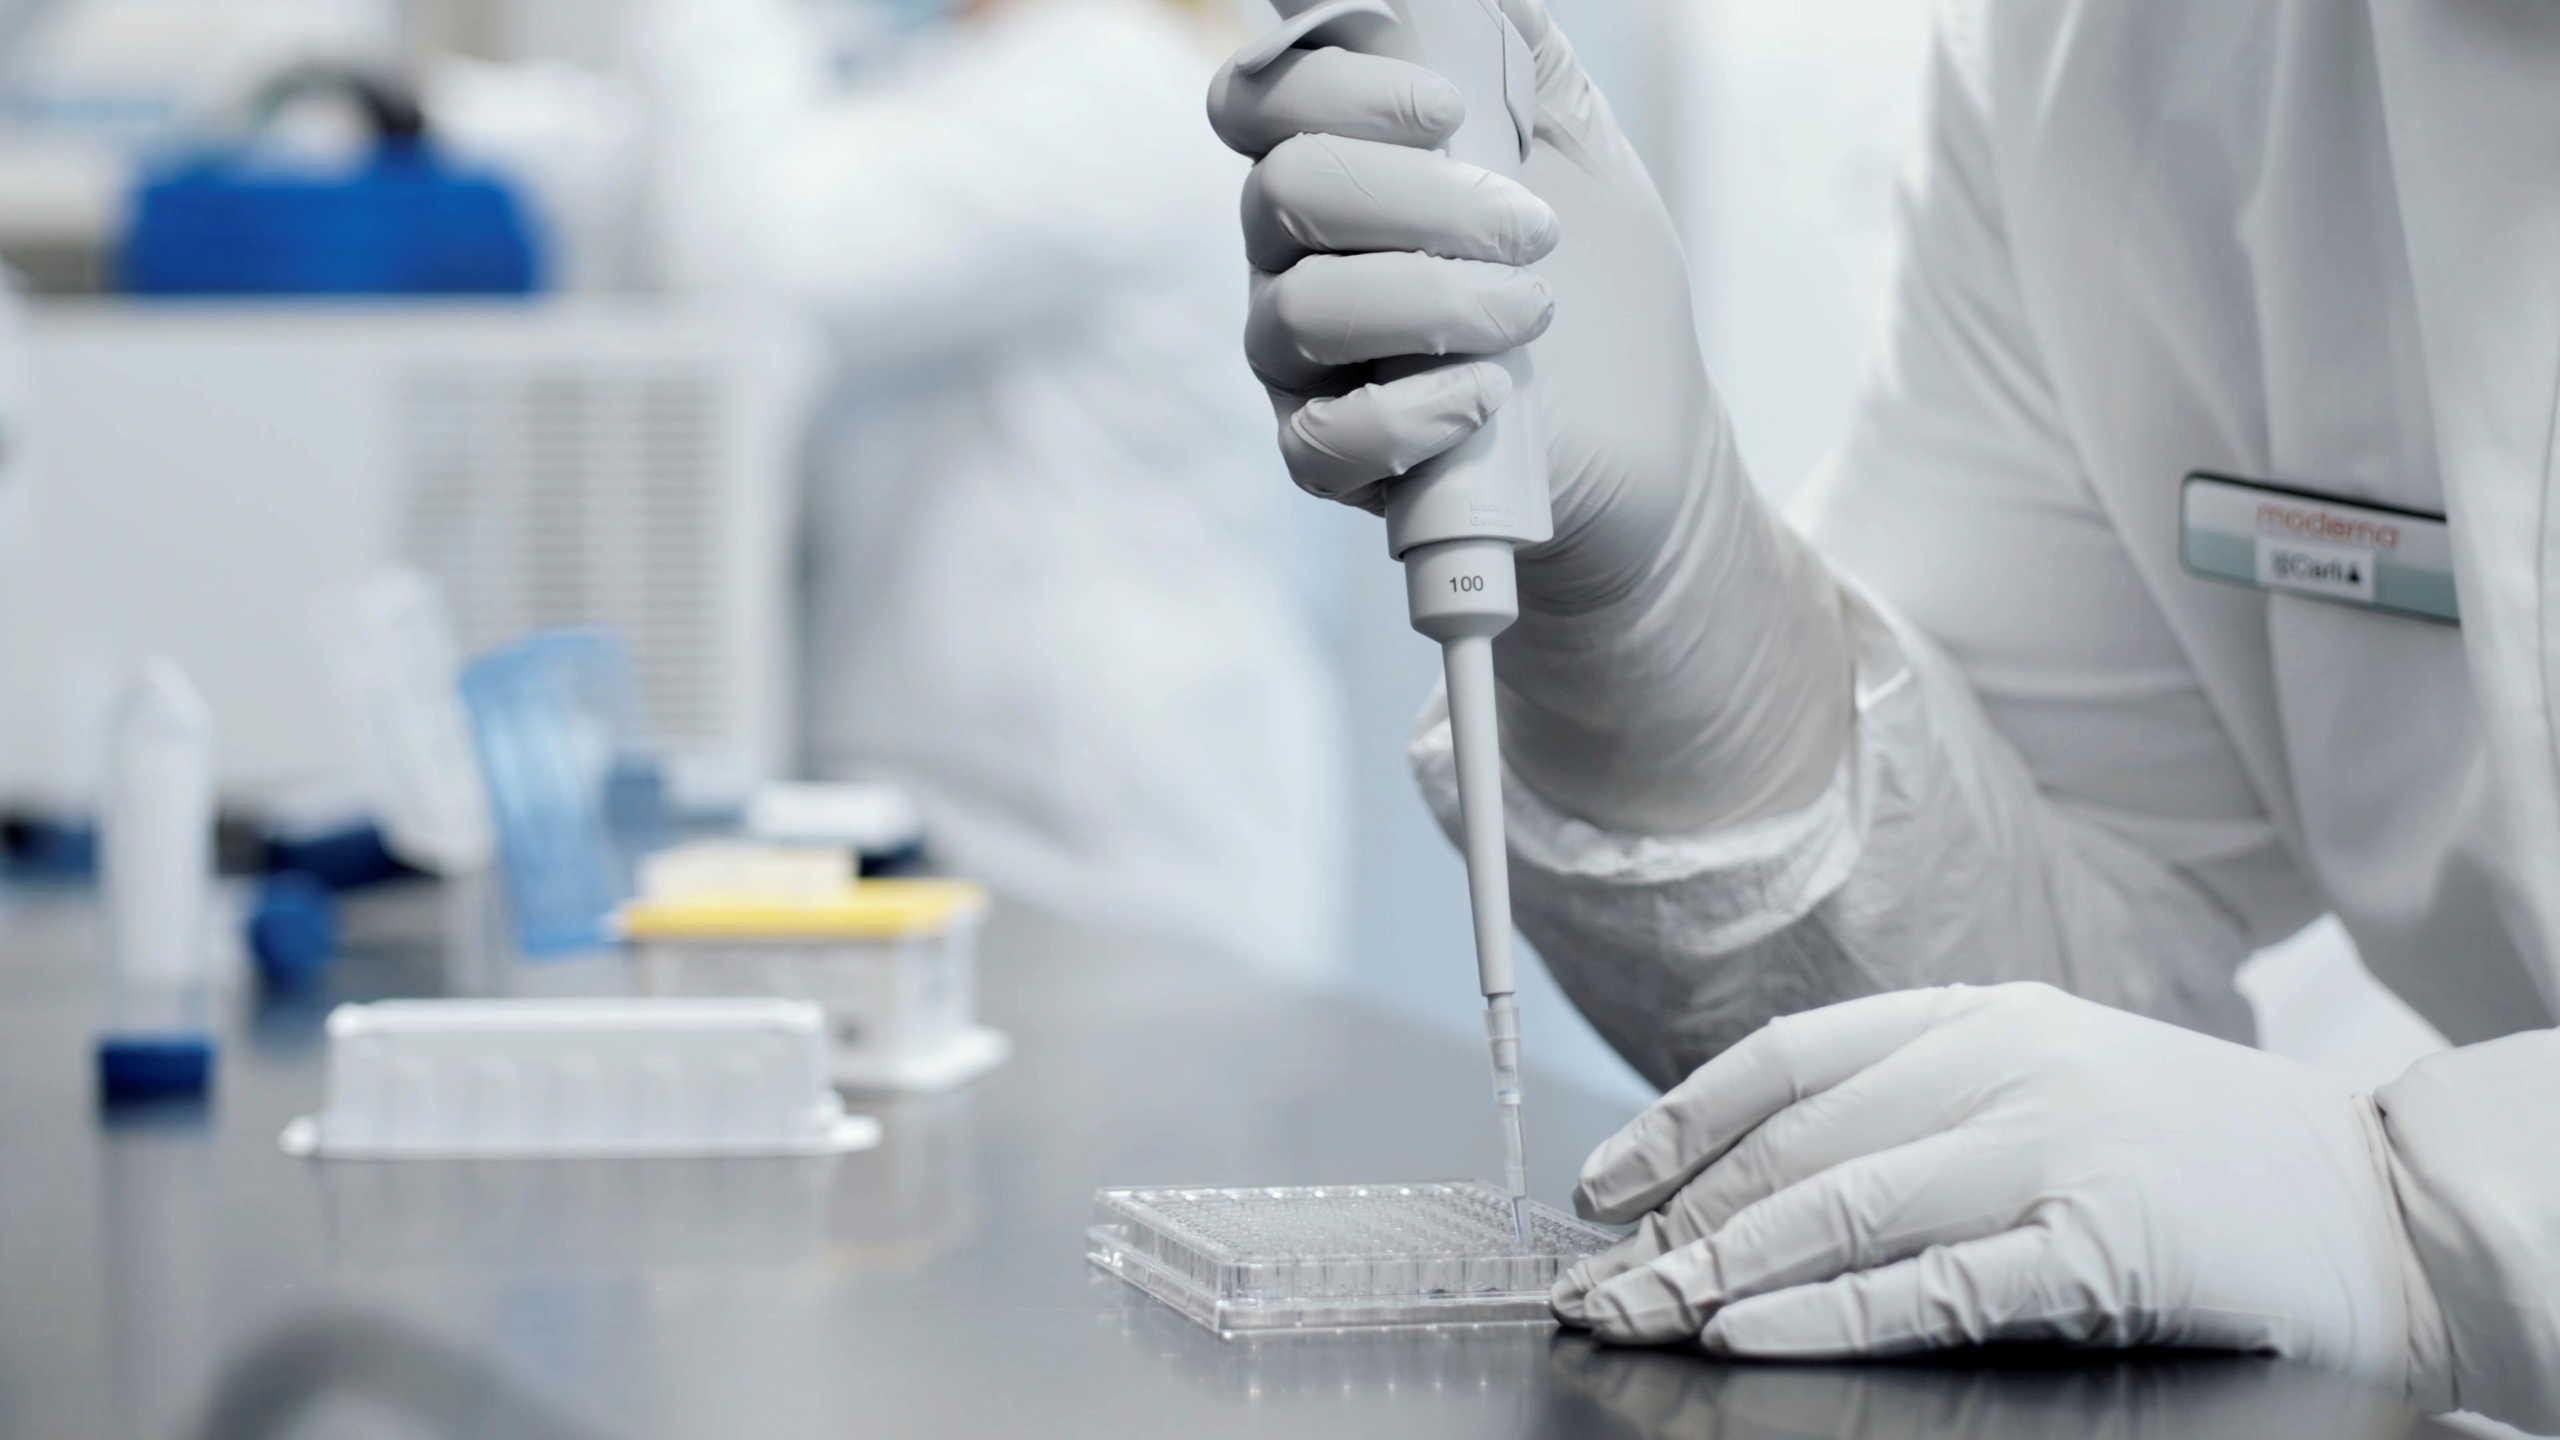 Εμβόλιο: «Κλείδωσε» συμφωνία της Κομισιόν και με την Moderna για 160 εκατομμύρια δόσεις